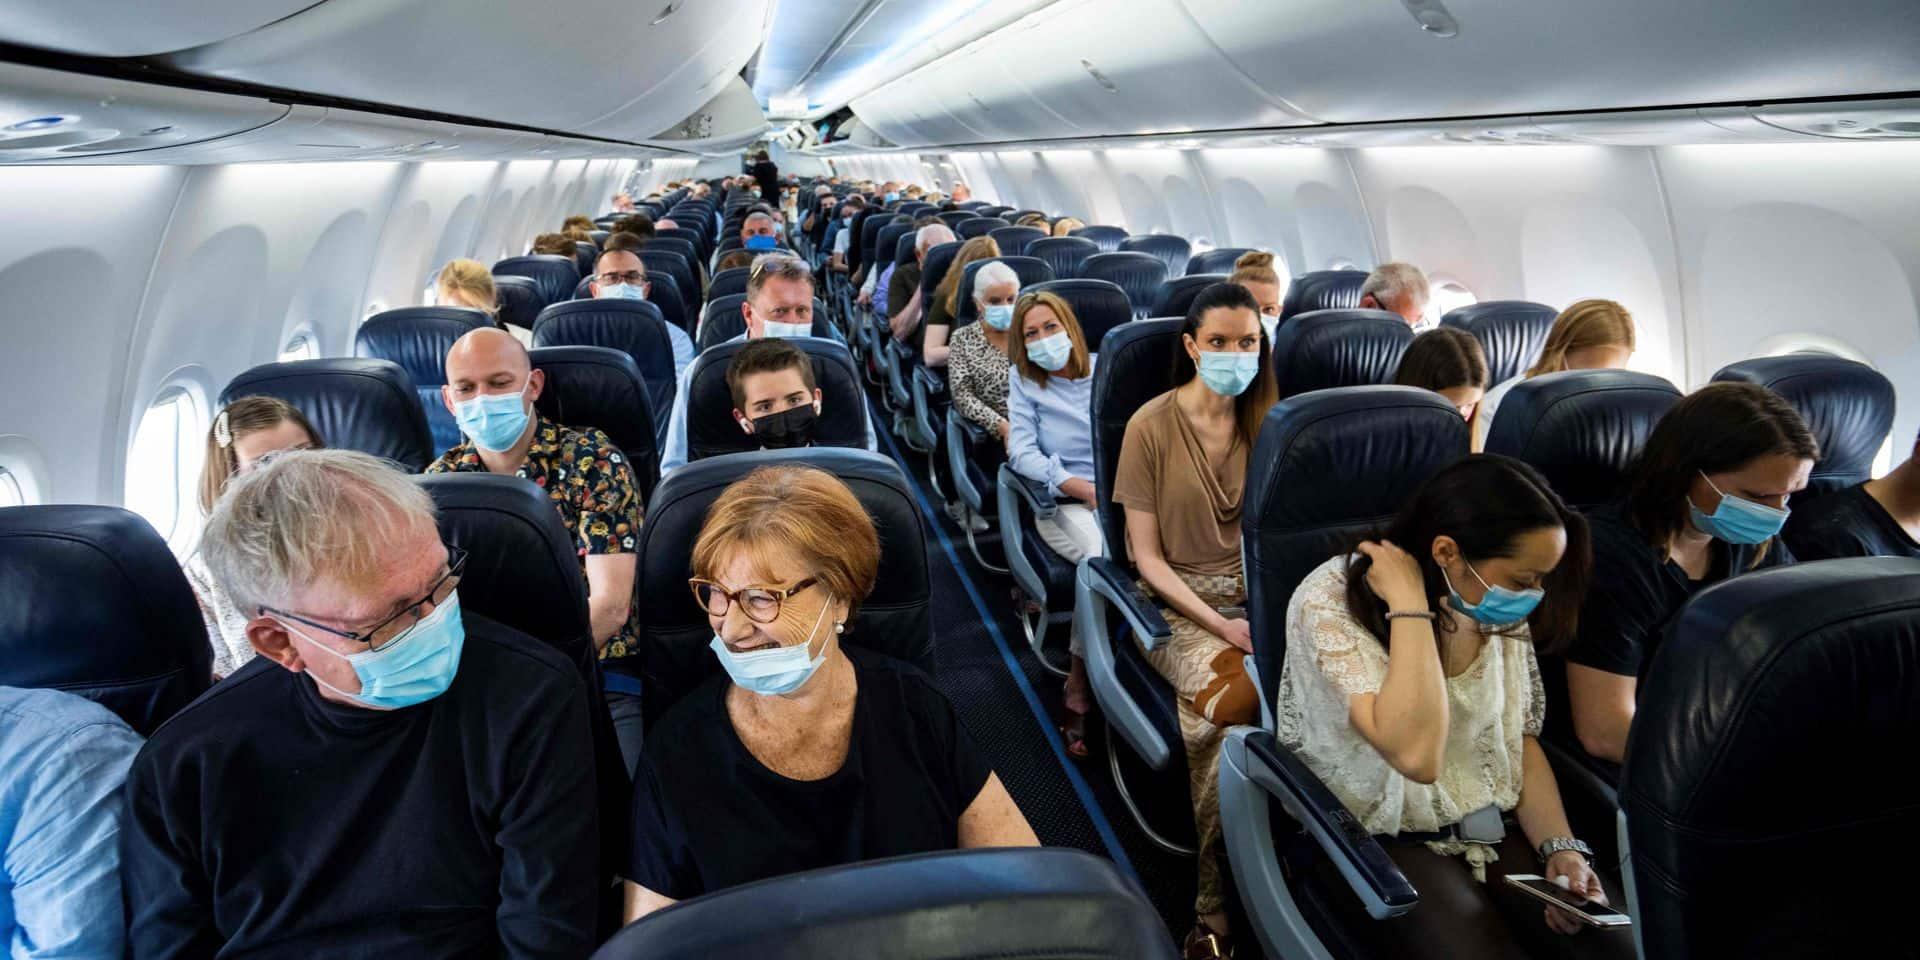 Les compagnies aériennes pointées du doigt: les droits des passagers n'ont pas été respectés